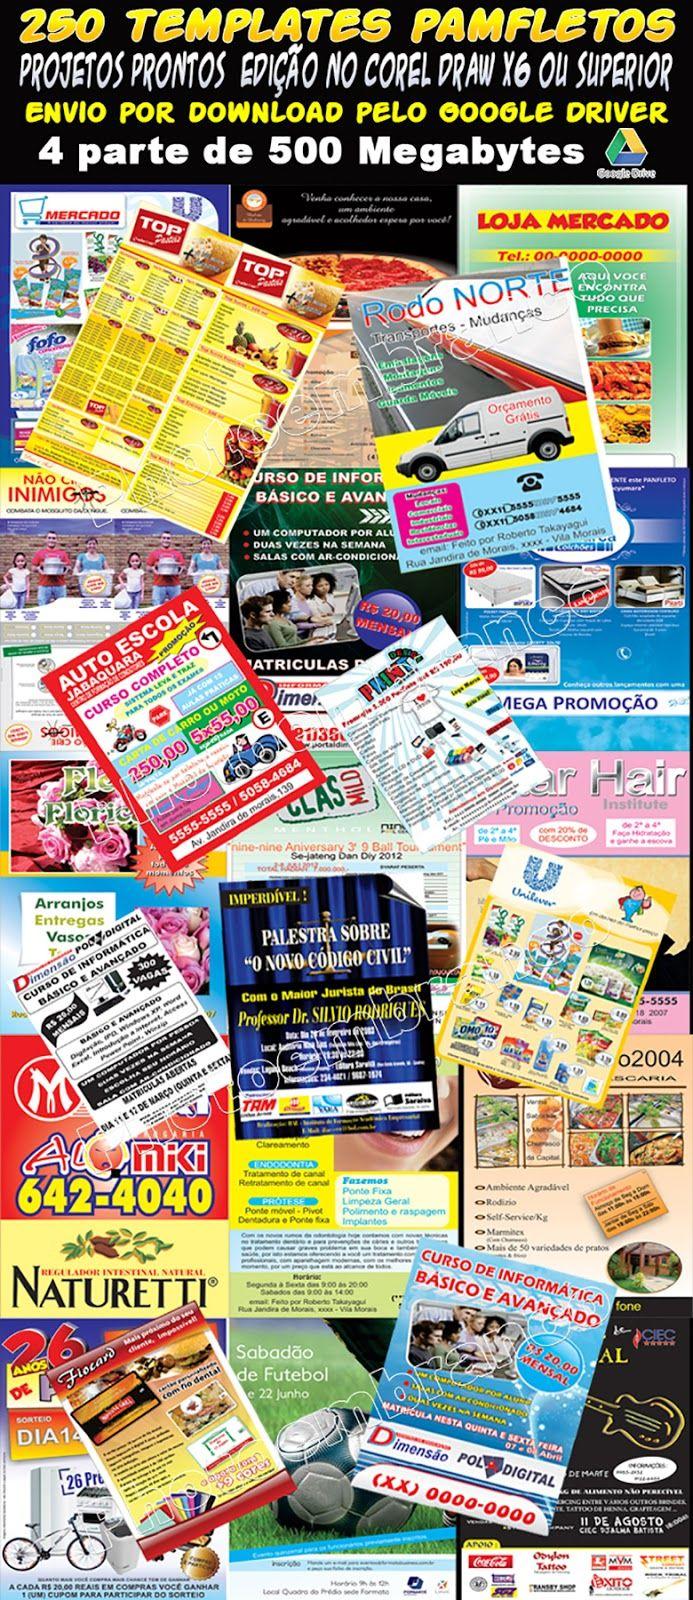 250 Panfleto Folheto Modelos Editaveis Corel Draw Impressao R